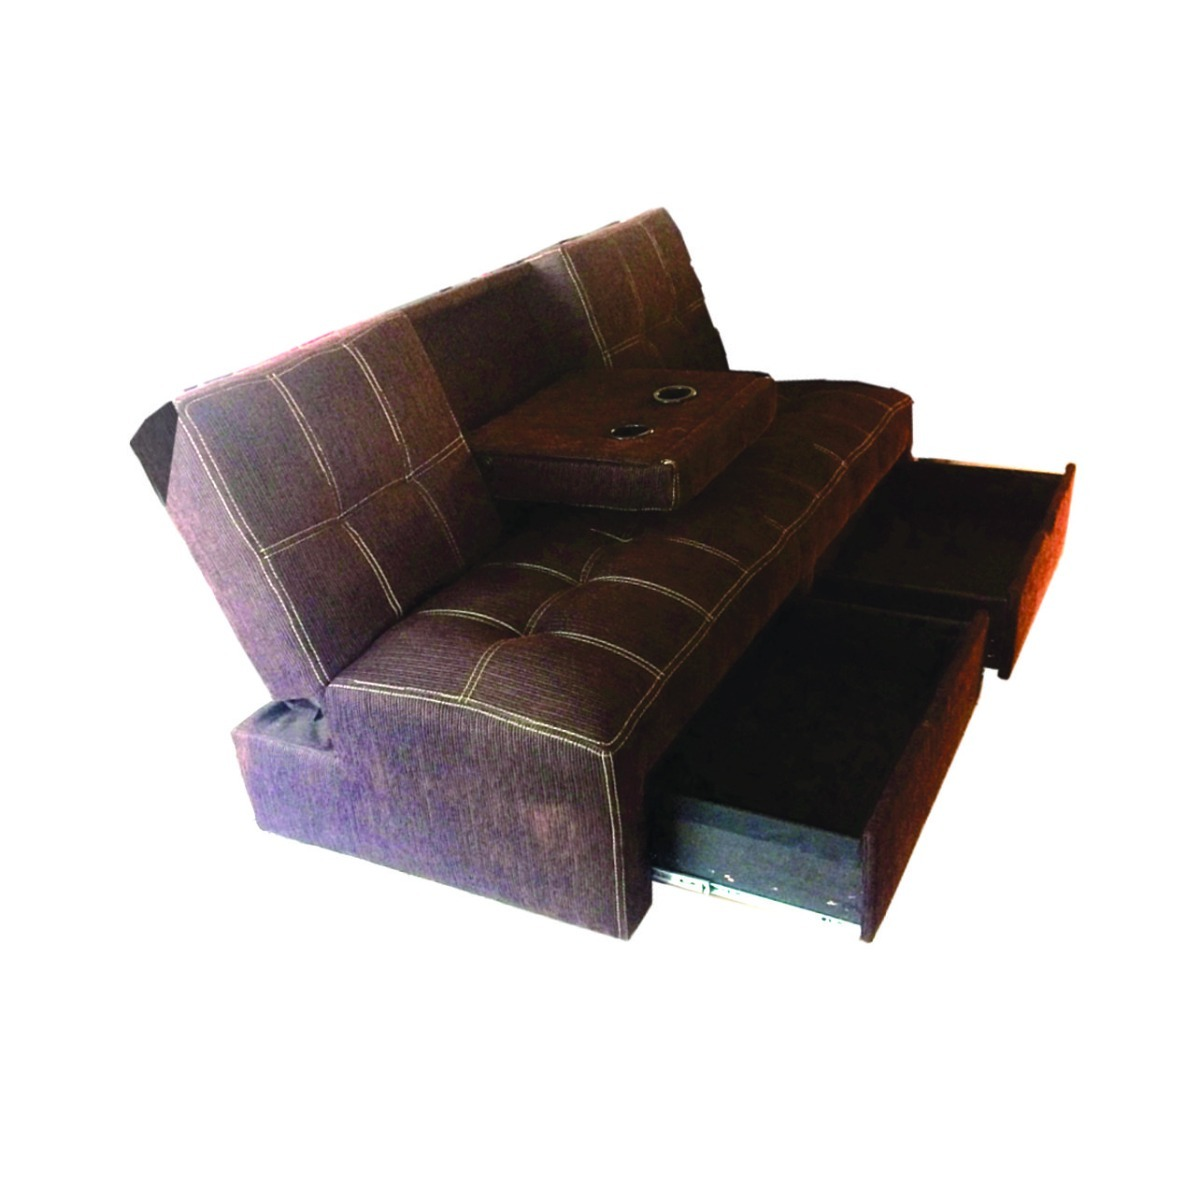 Sofa cama con cajones practico y muy comodo 5 - Sofa cama comodos ...